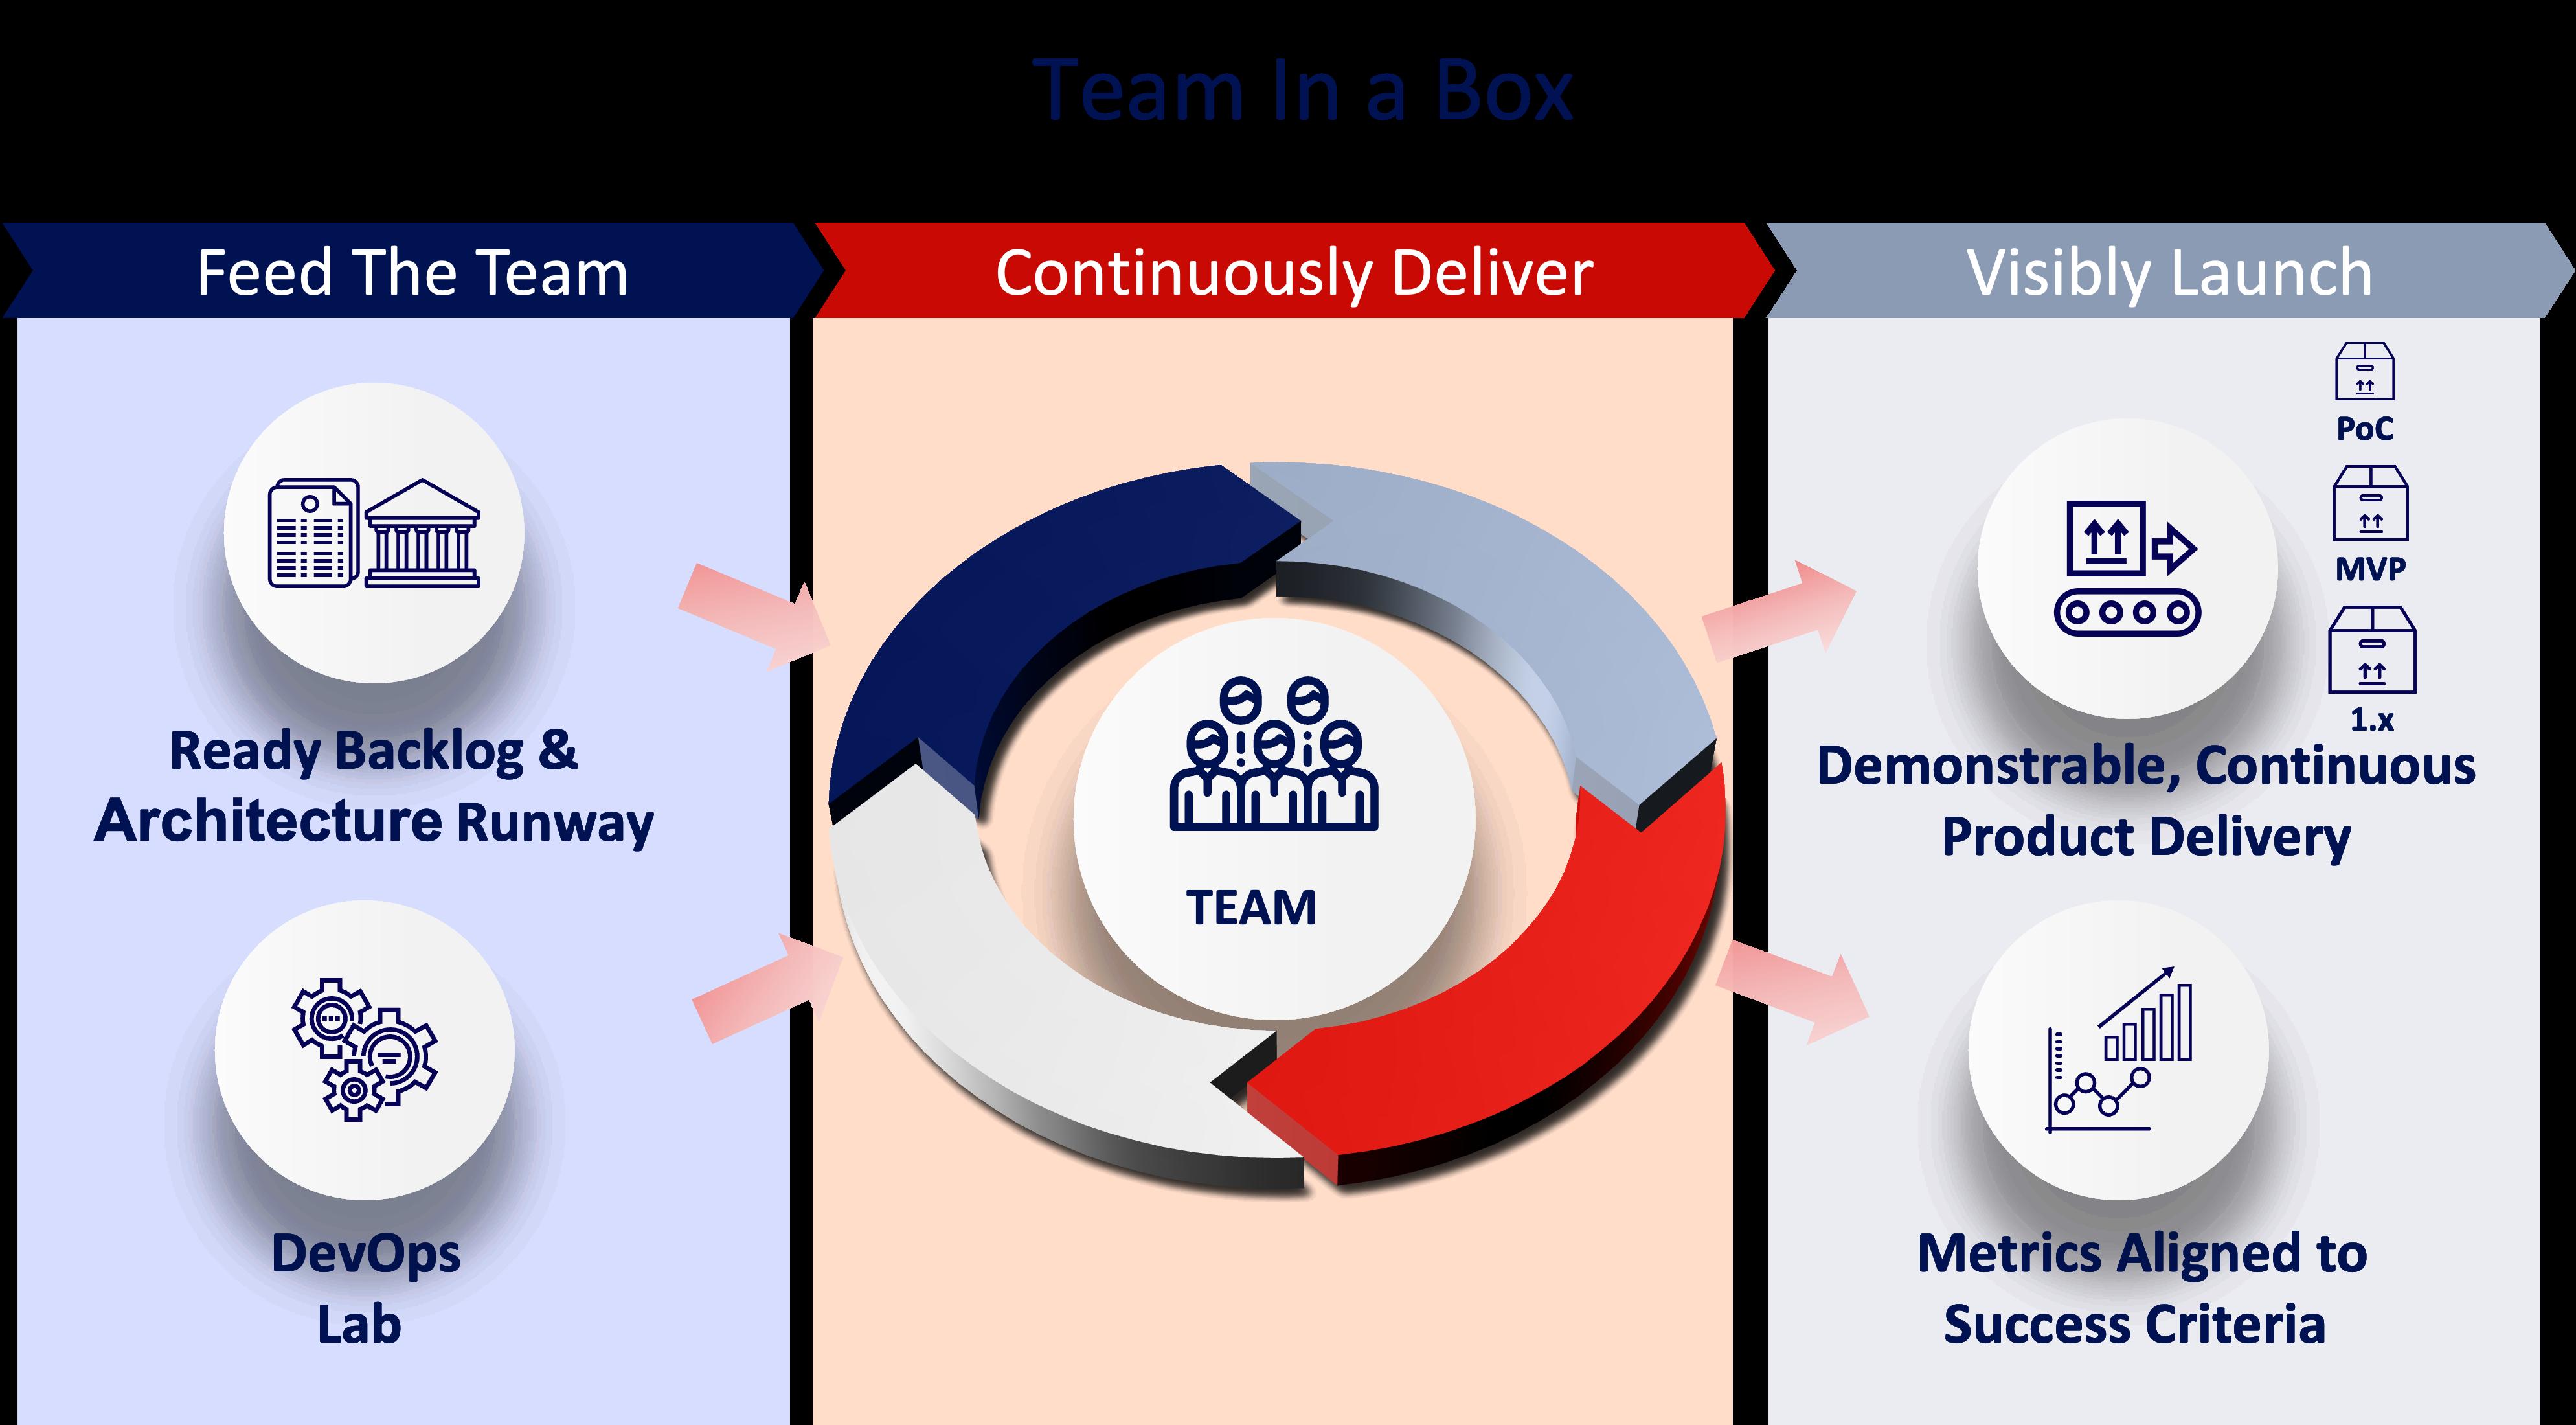 Team in a Box - CirrusLabs